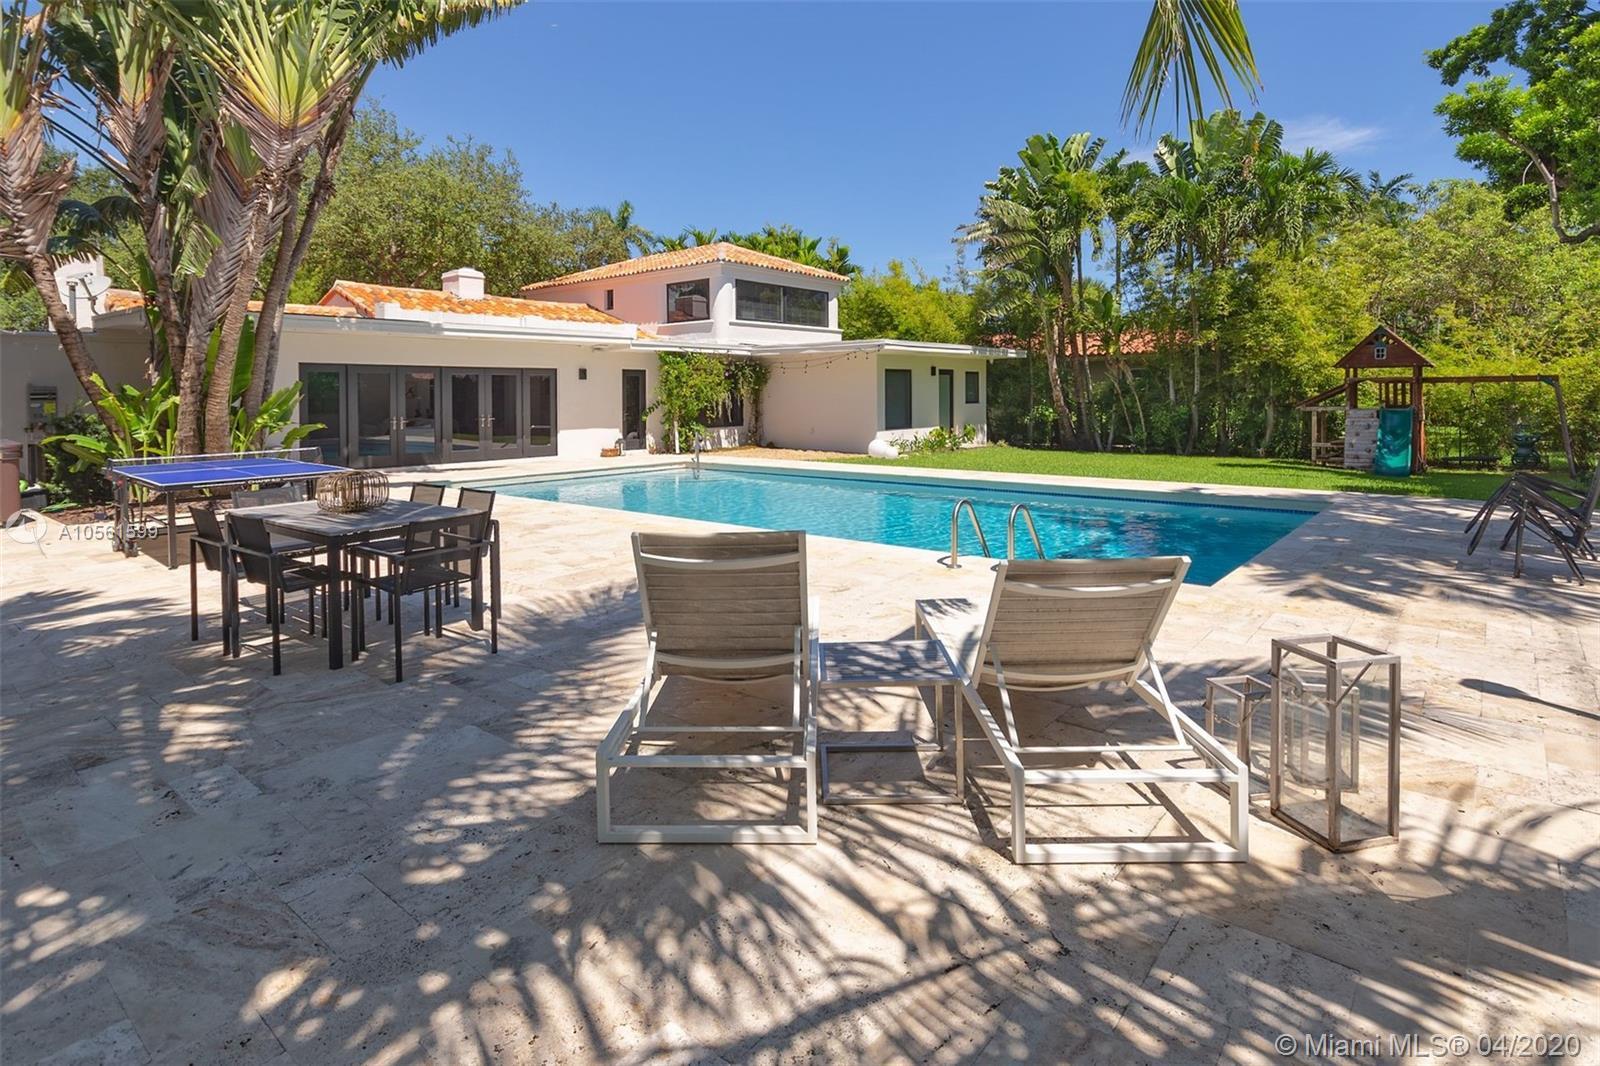 1040 NE 96th St, Miami Shores, FL 33138